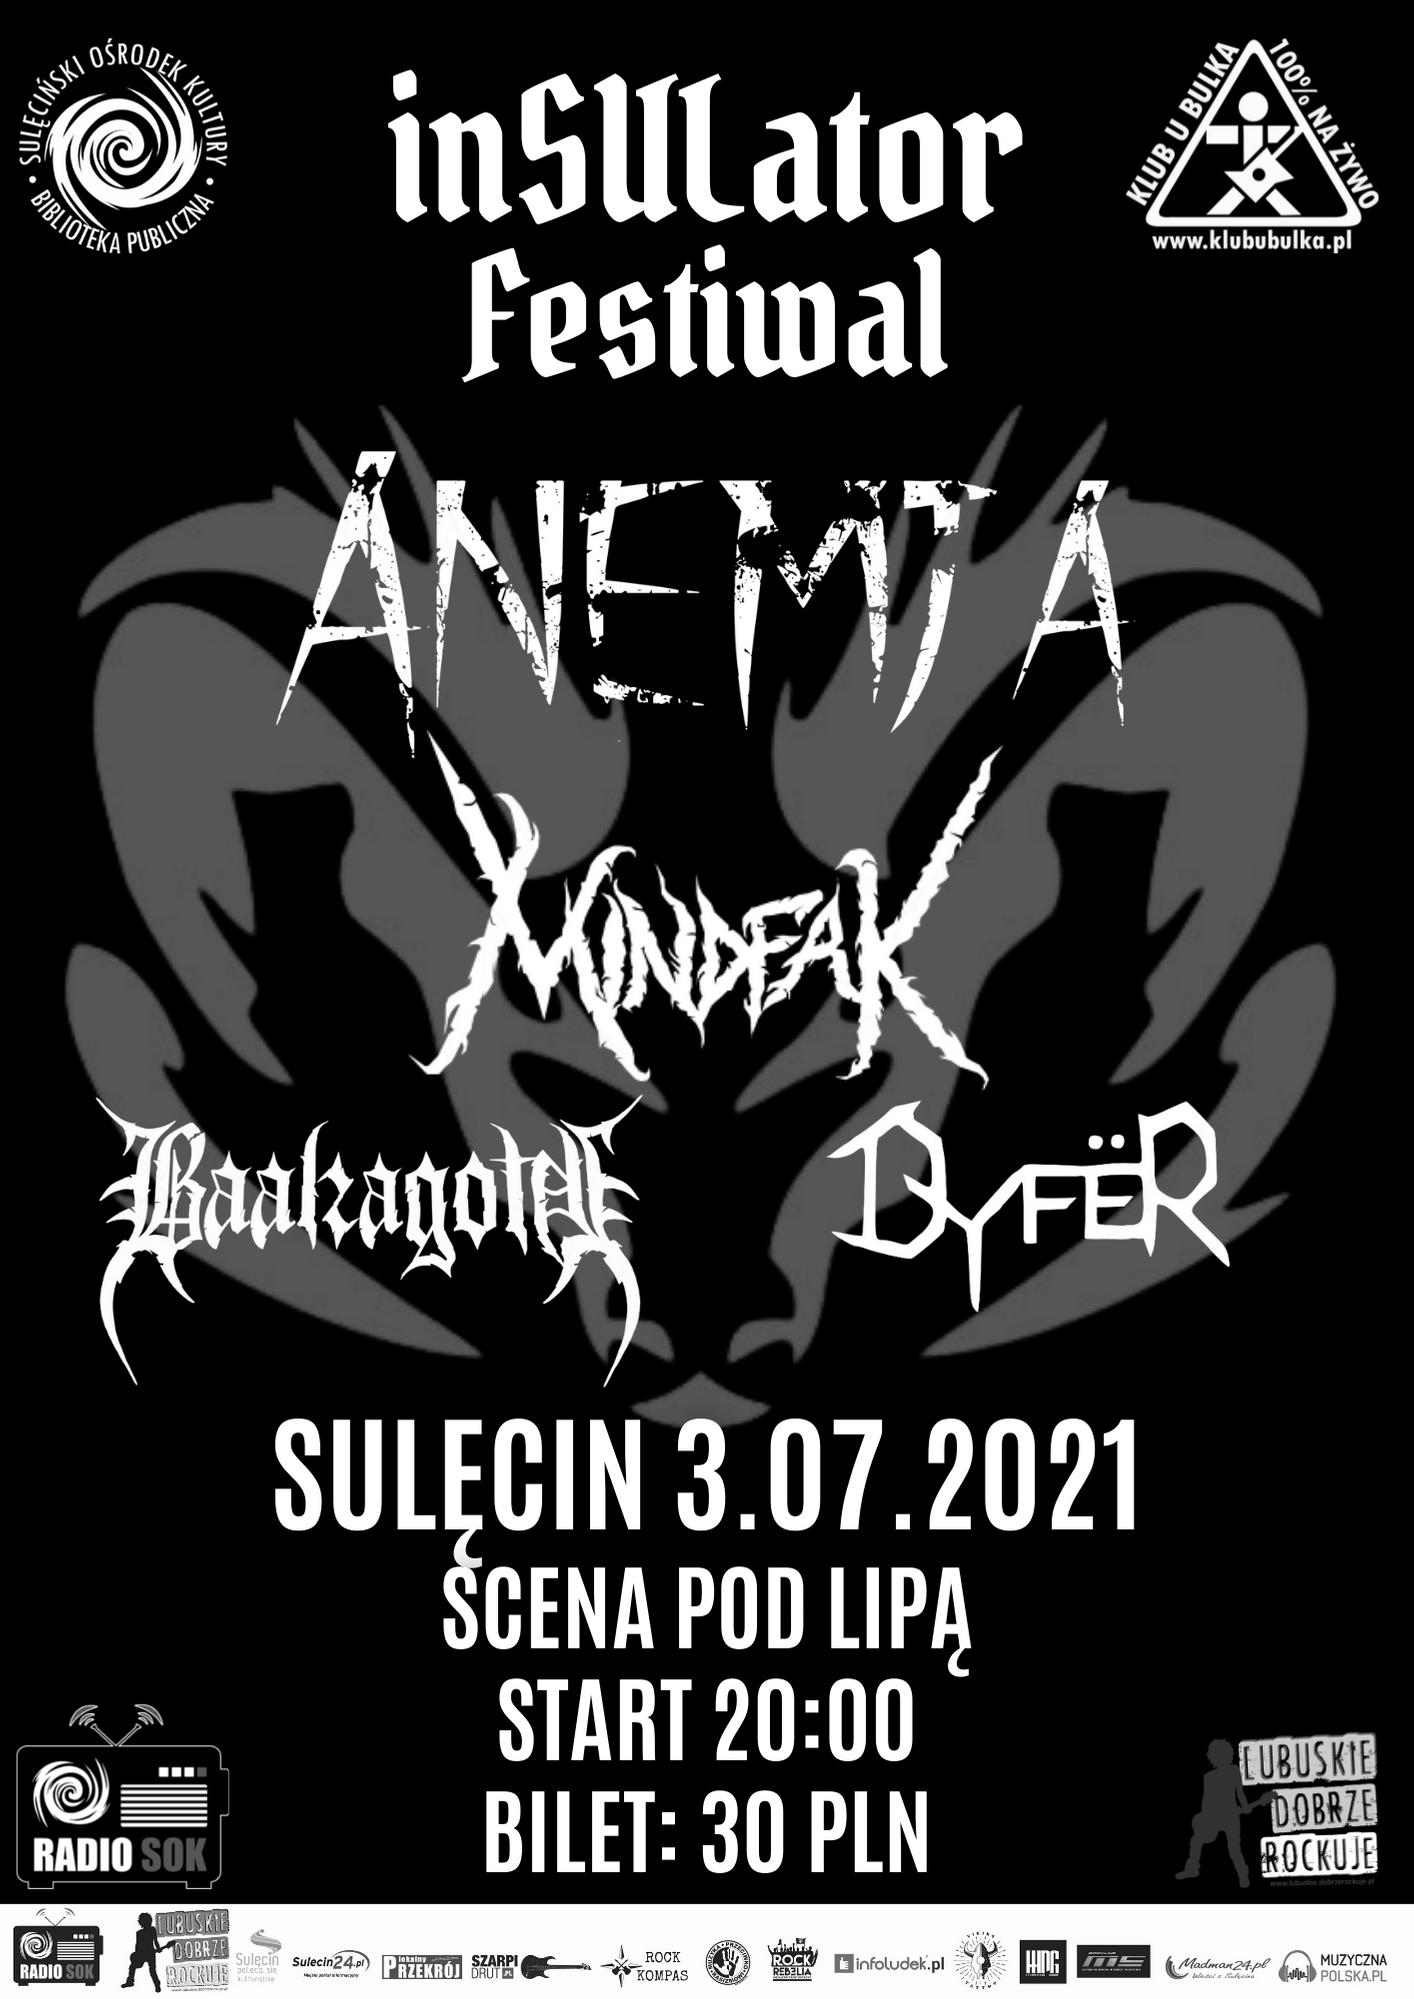 inSULator Festiwal!